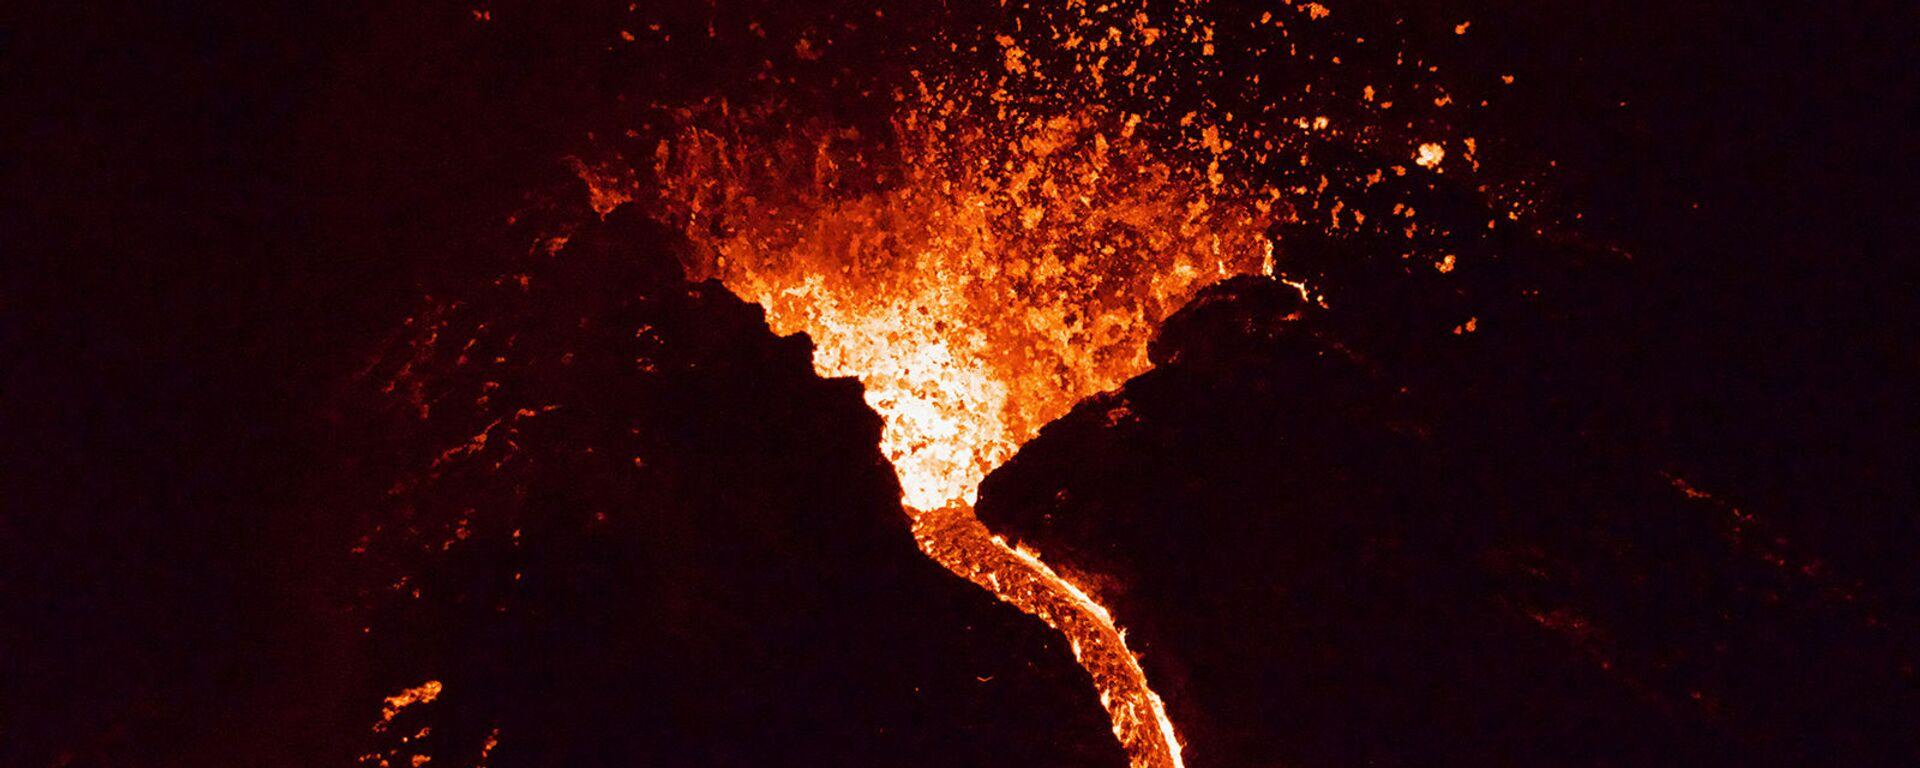 Лава течет из извергающегося вулкана Фаградалсфьяль примерно в 40 км к западу от Рейкьявика )26 марта 2021). Исландия - Sputnik Արմենիա, 1920, 27.03.2021